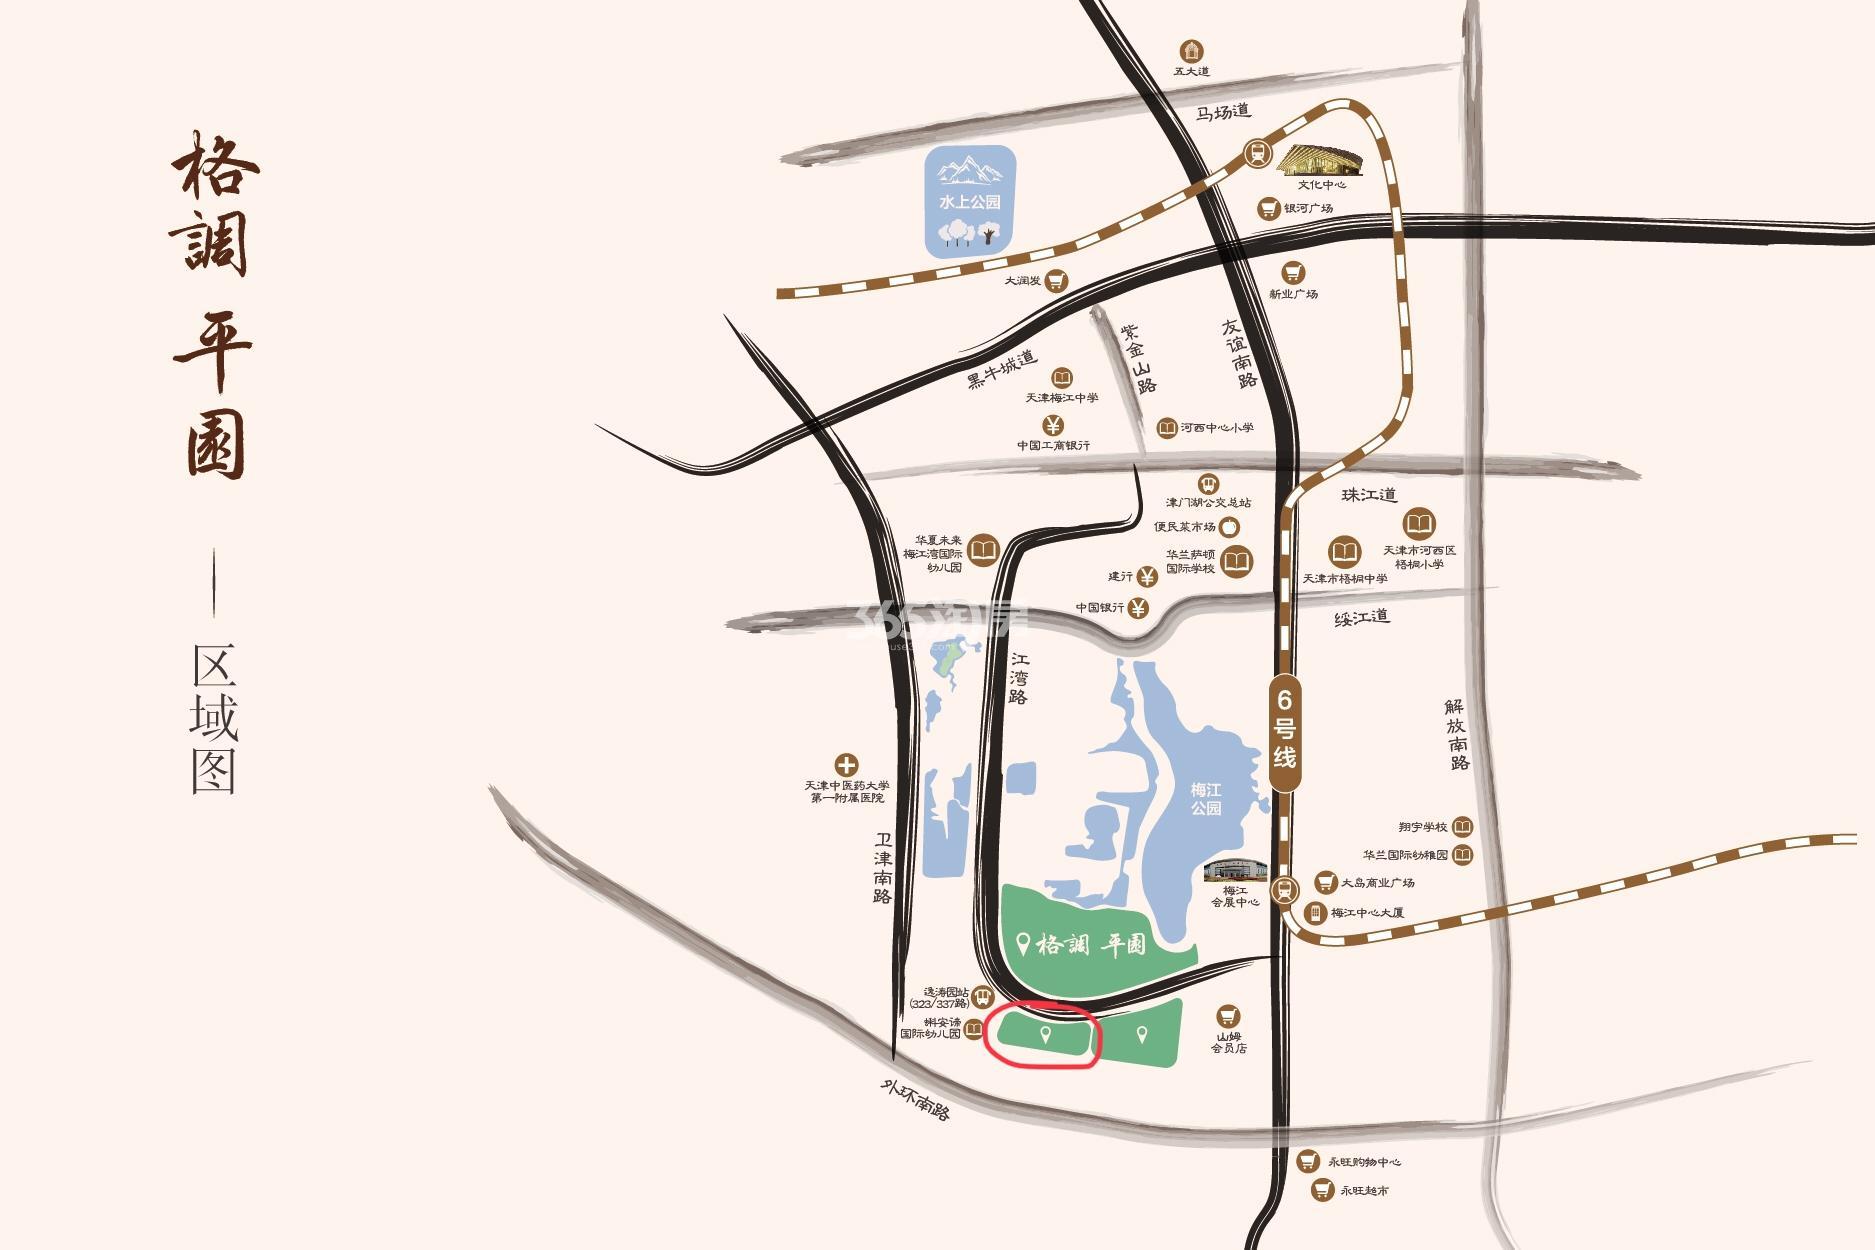 格调平園交通图